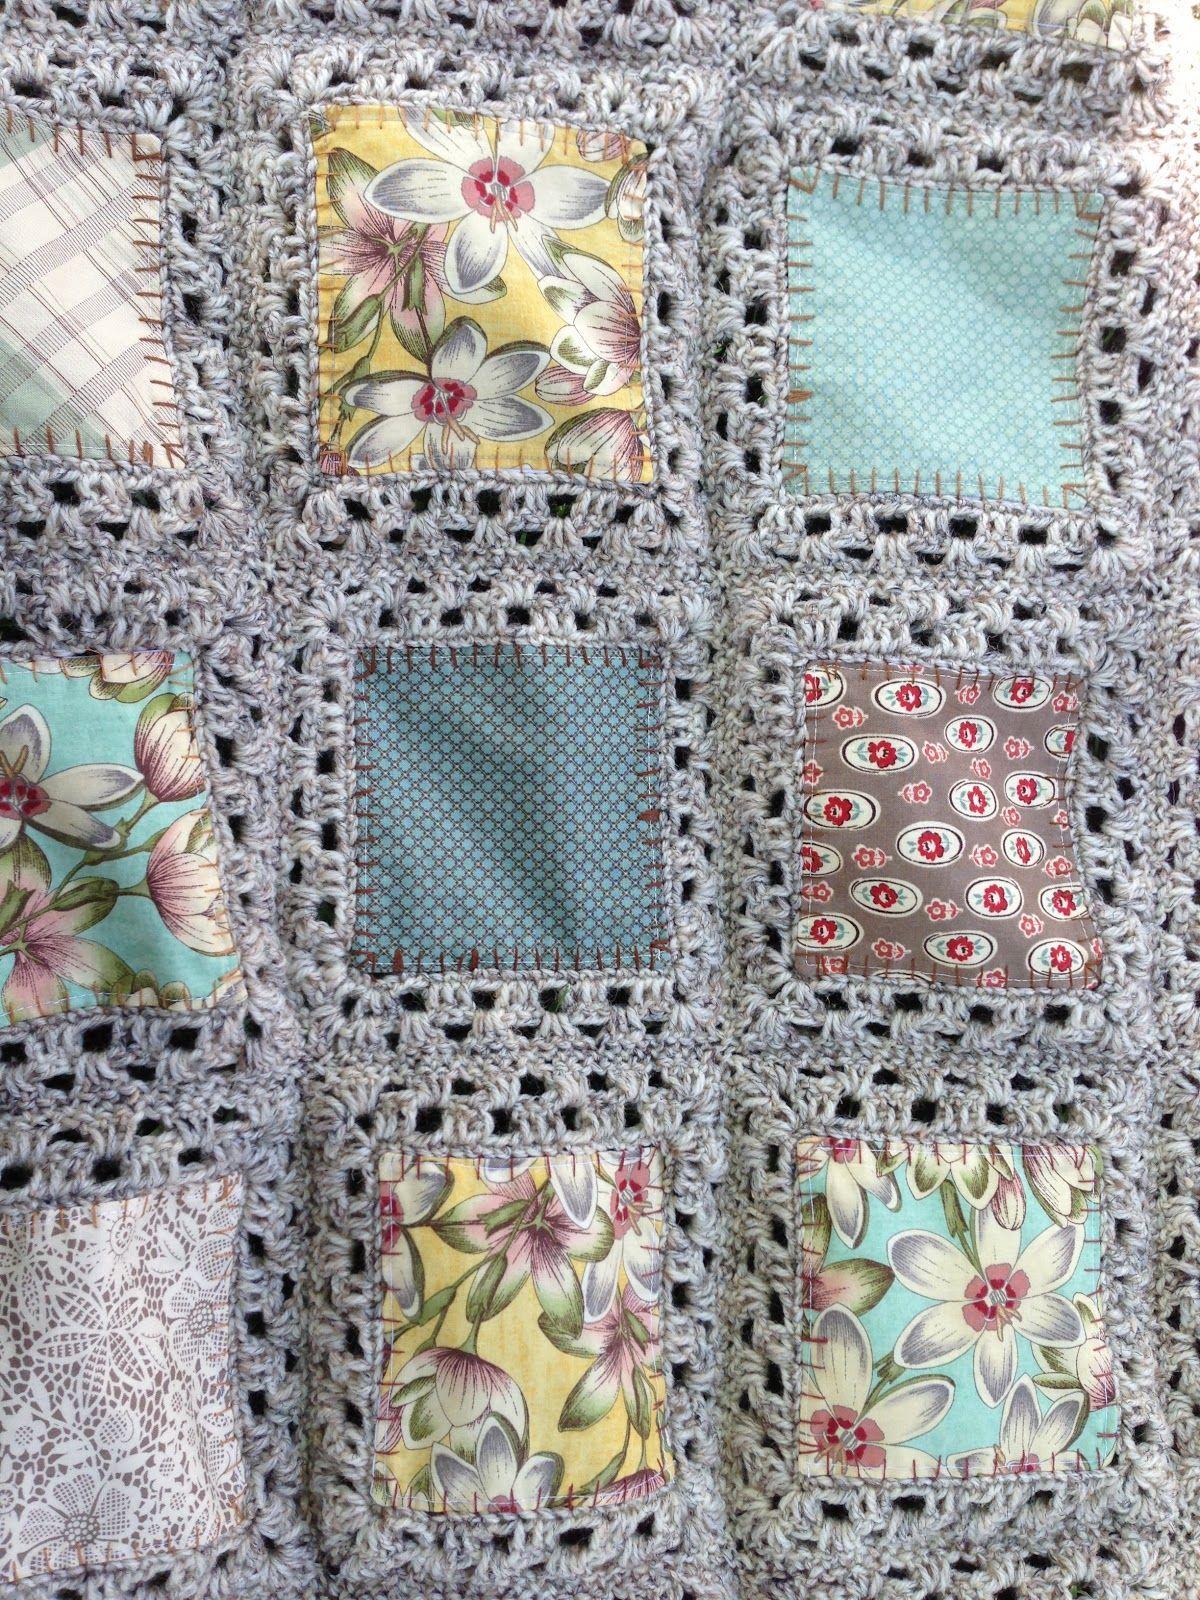 Stoff Zusammen Gehäkelt Hand Kissen Decken Teppiche